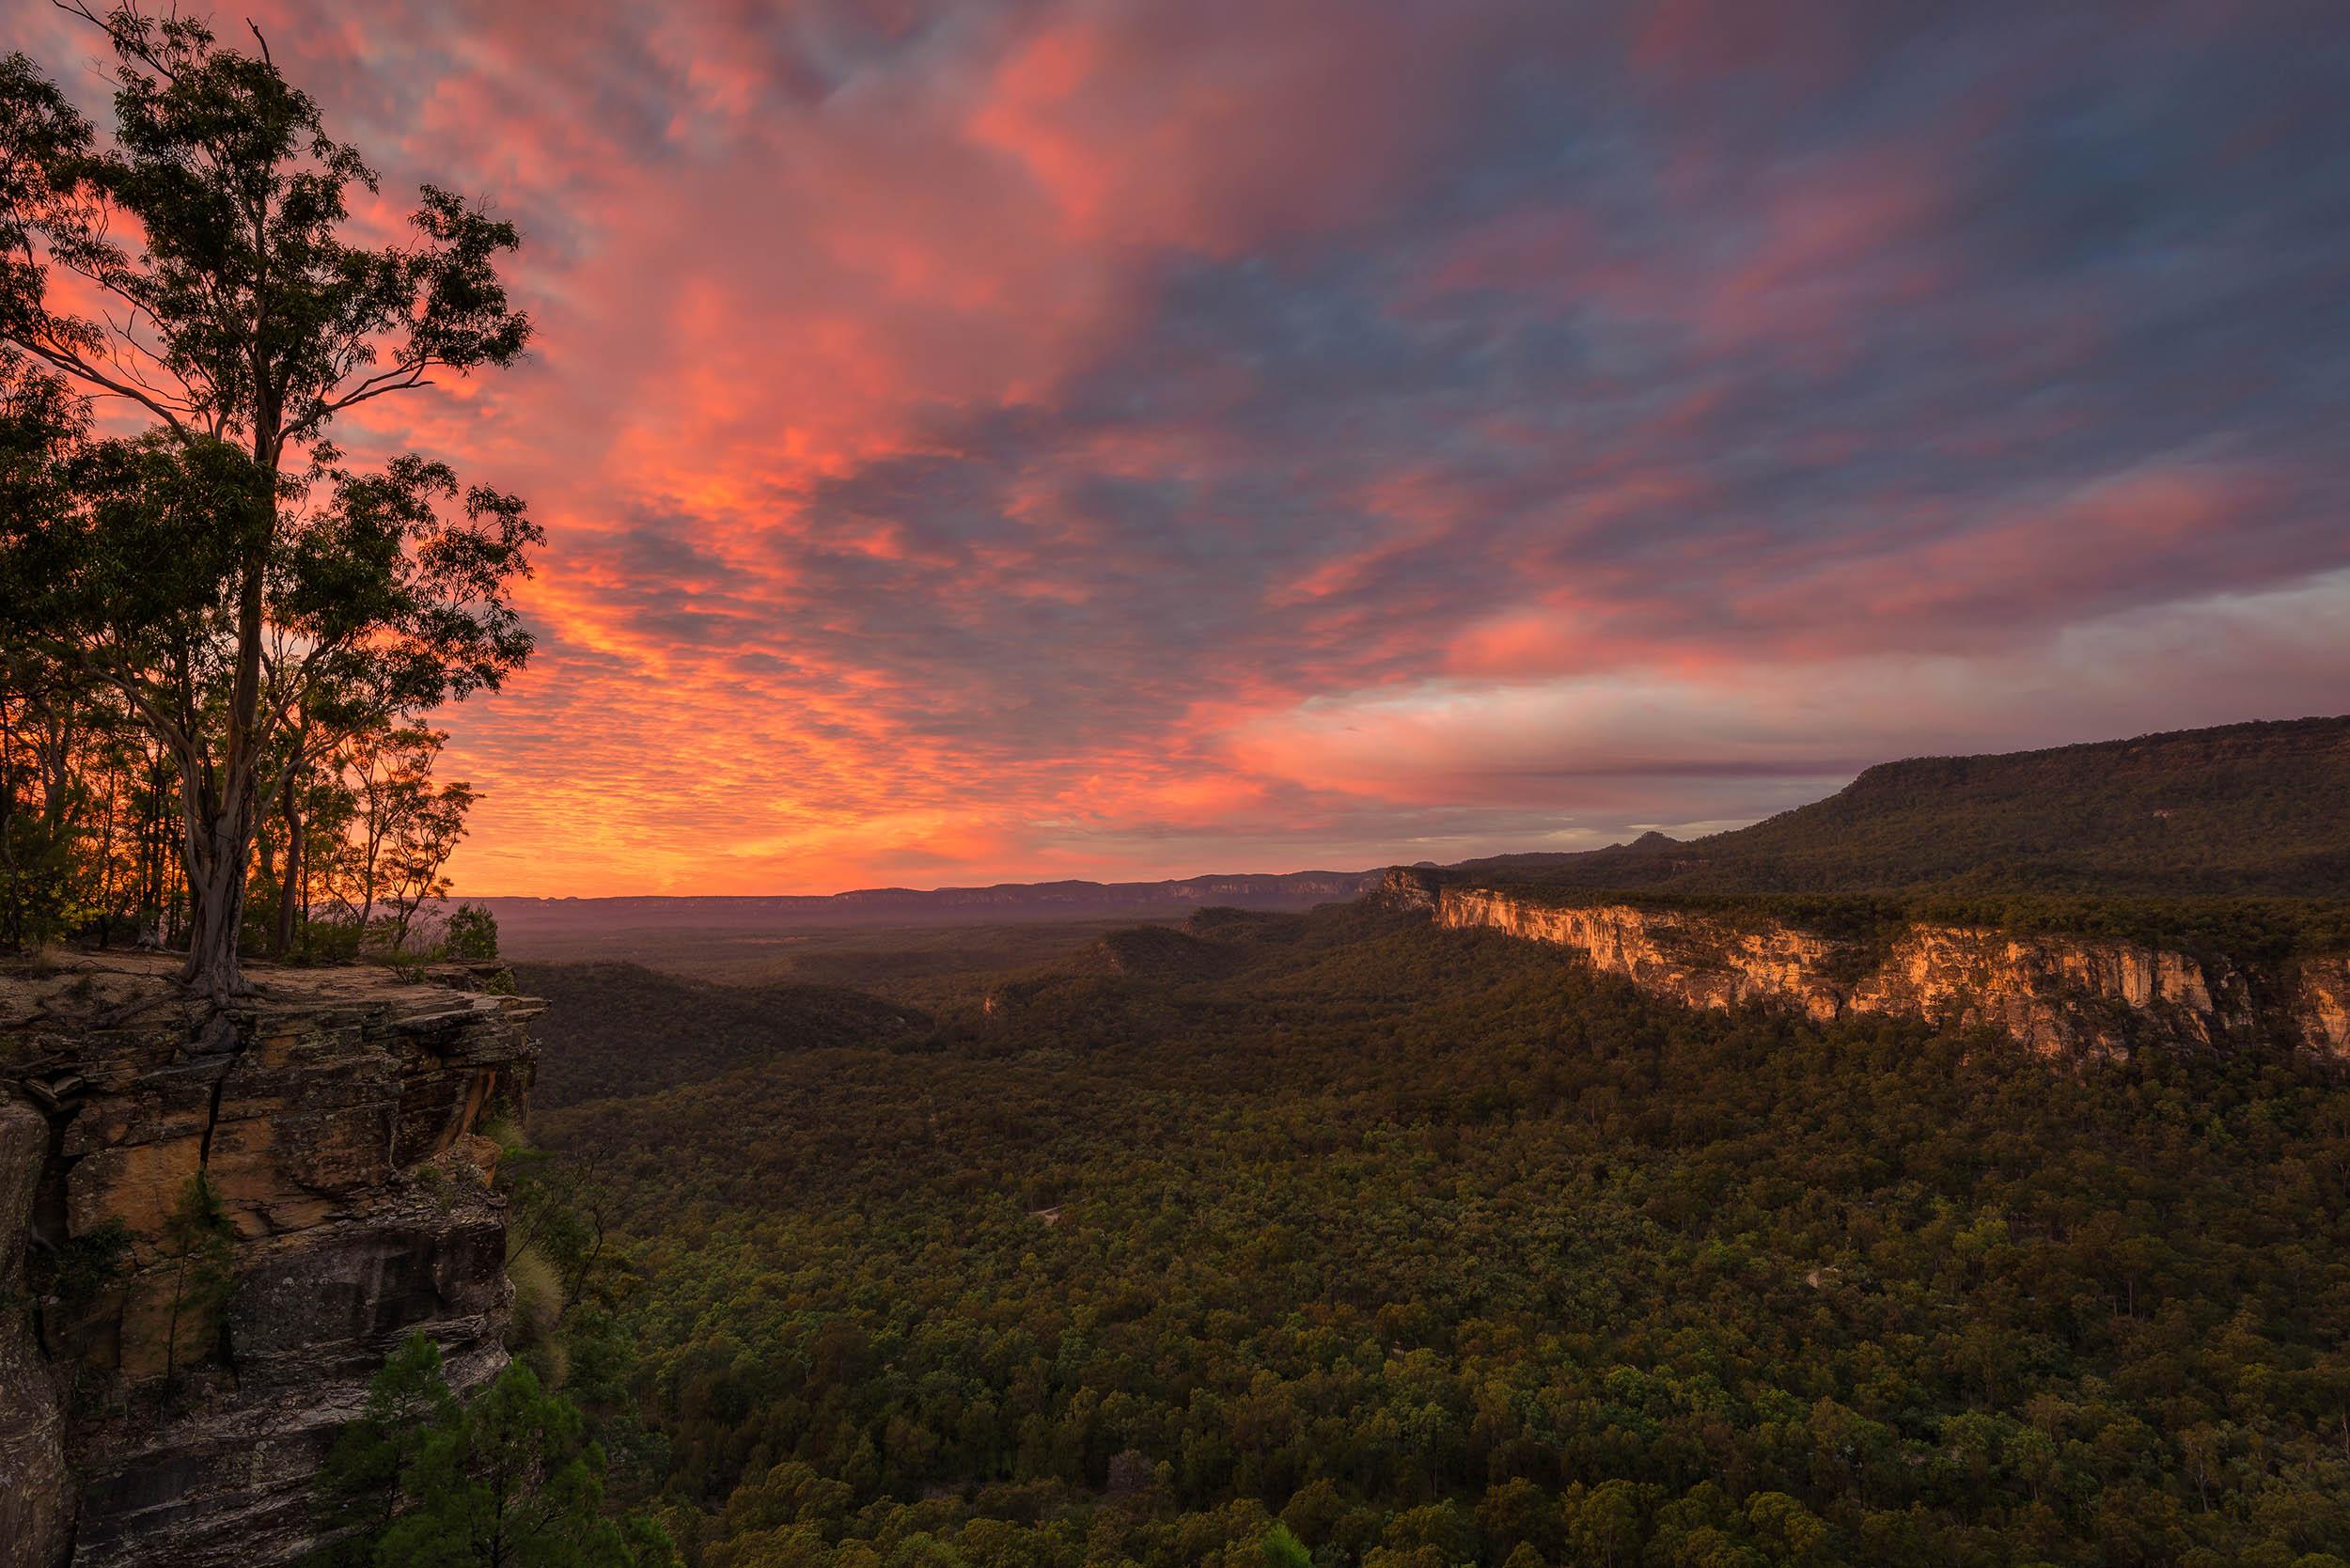 Boolimba Bluff @ Sunrise, Carnarvon Gorge